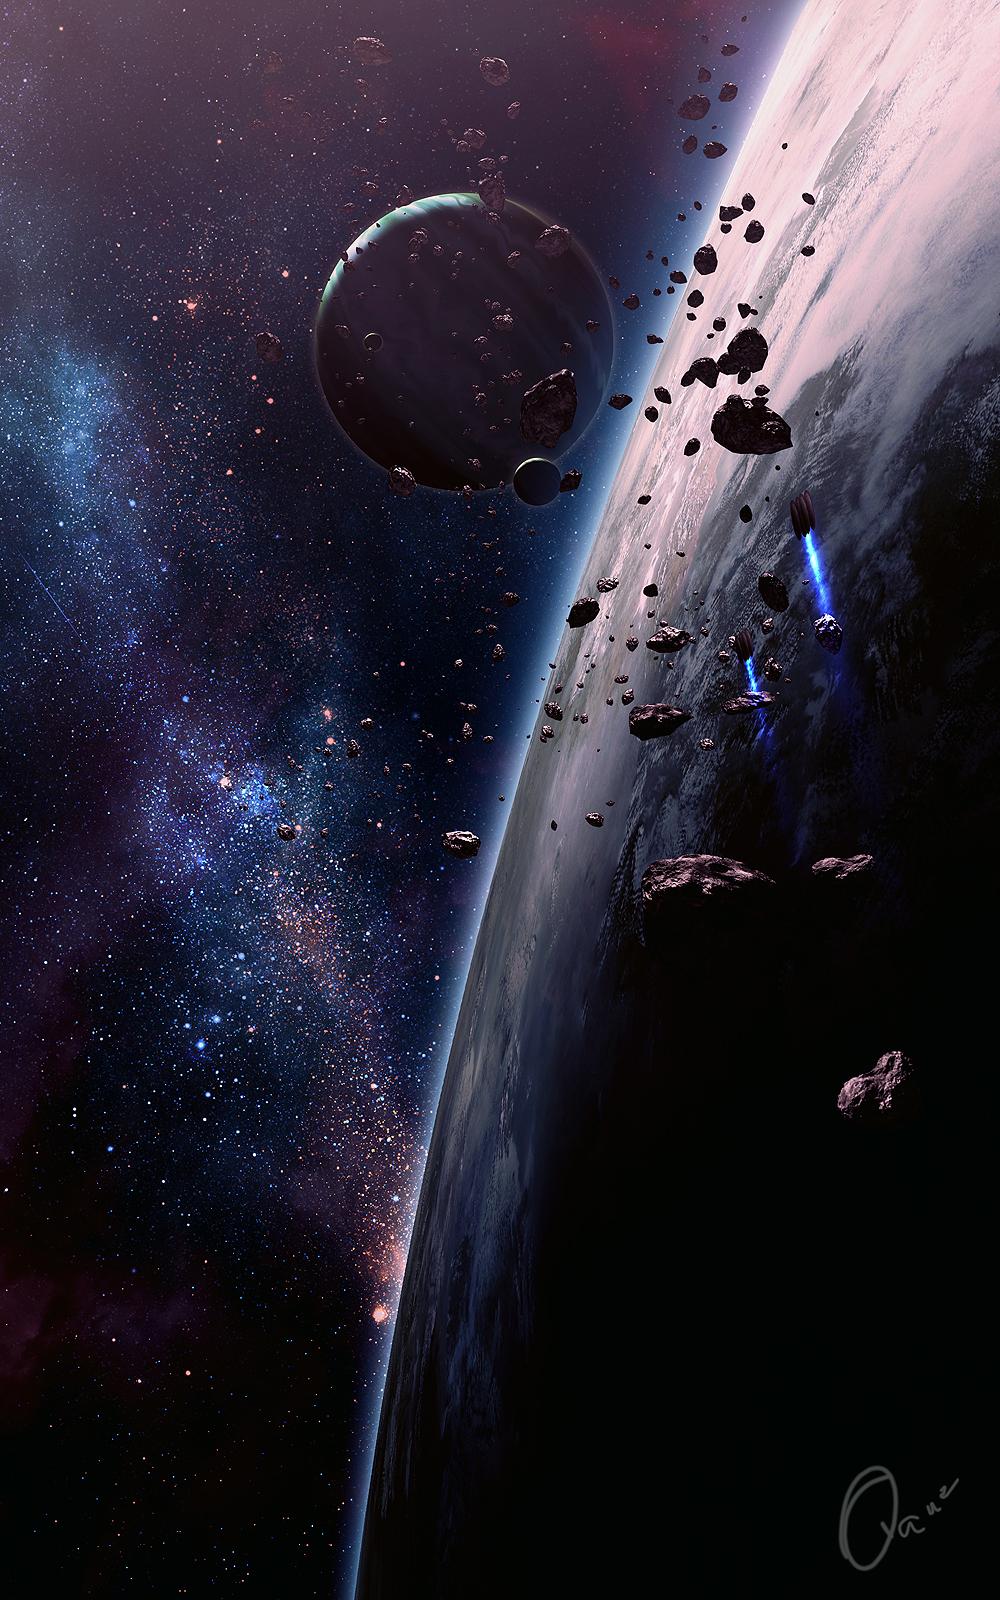 New Spaceart by QAuZ on DeviantArt